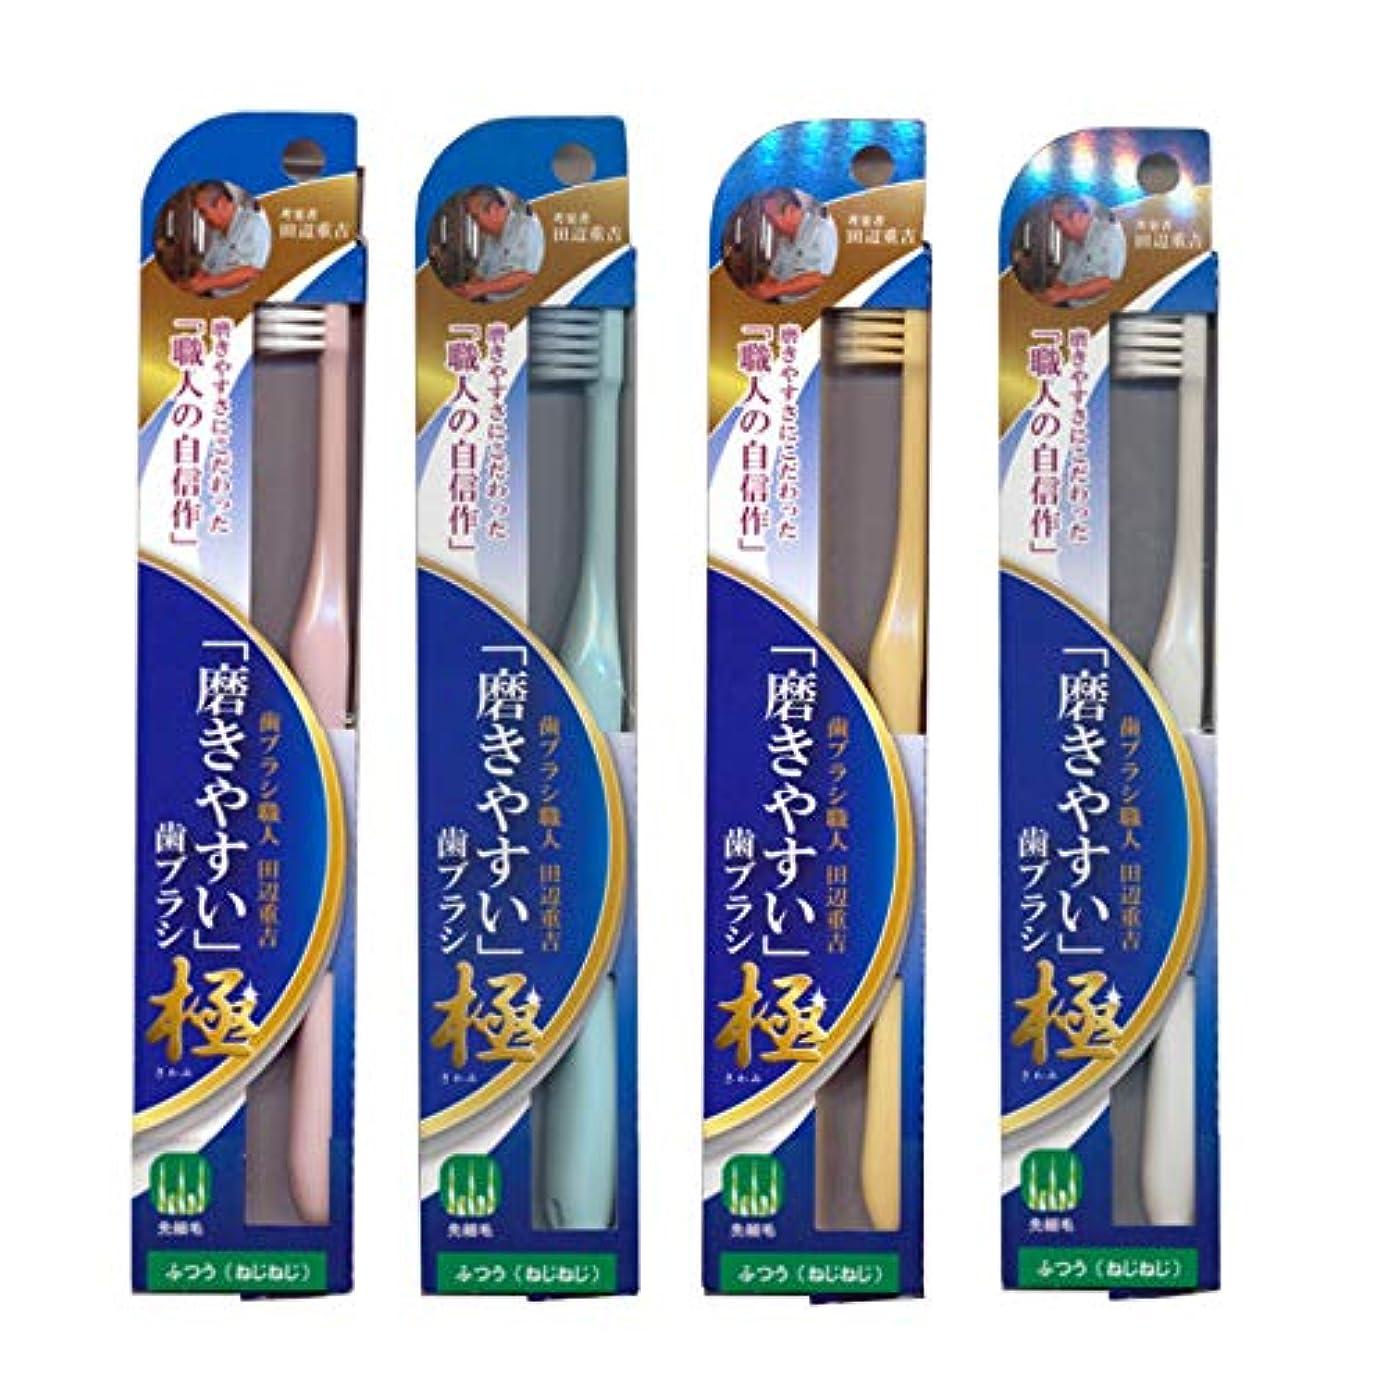 取り壊すビット憤る磨きやすい歯ブラシ極 (ふつう ねじねじ) LT-45×4本セット(ピンク×1、ブルー×1、ホワイト×1、イエロー×1) 先細毛